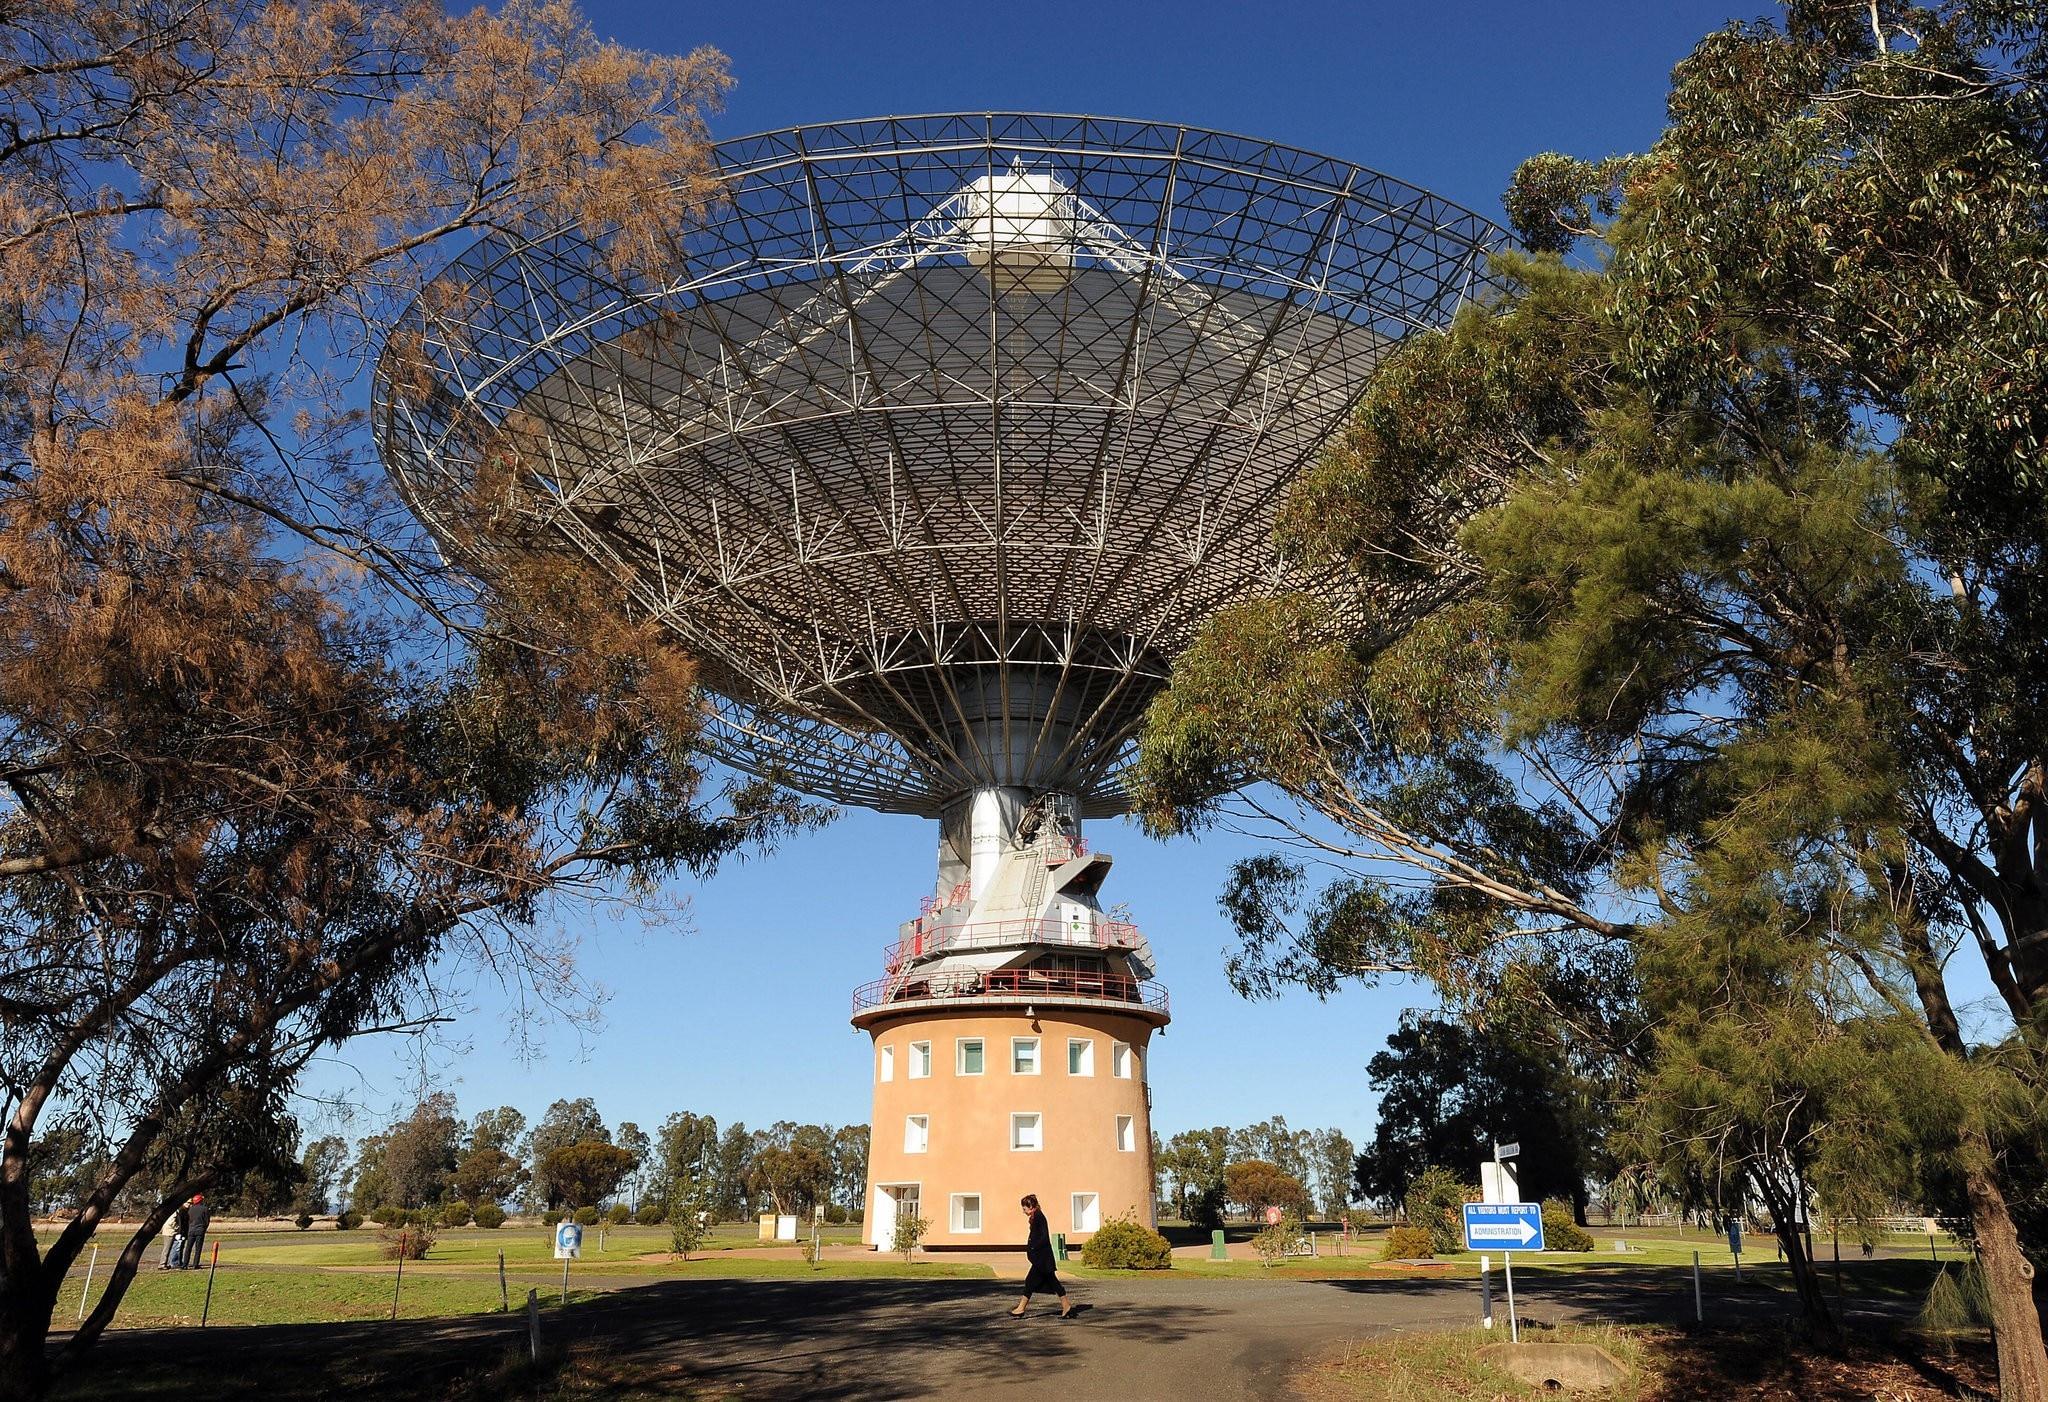 A radio telescope in Parkes, Australia, that was involved in the Apollo 11 mission.